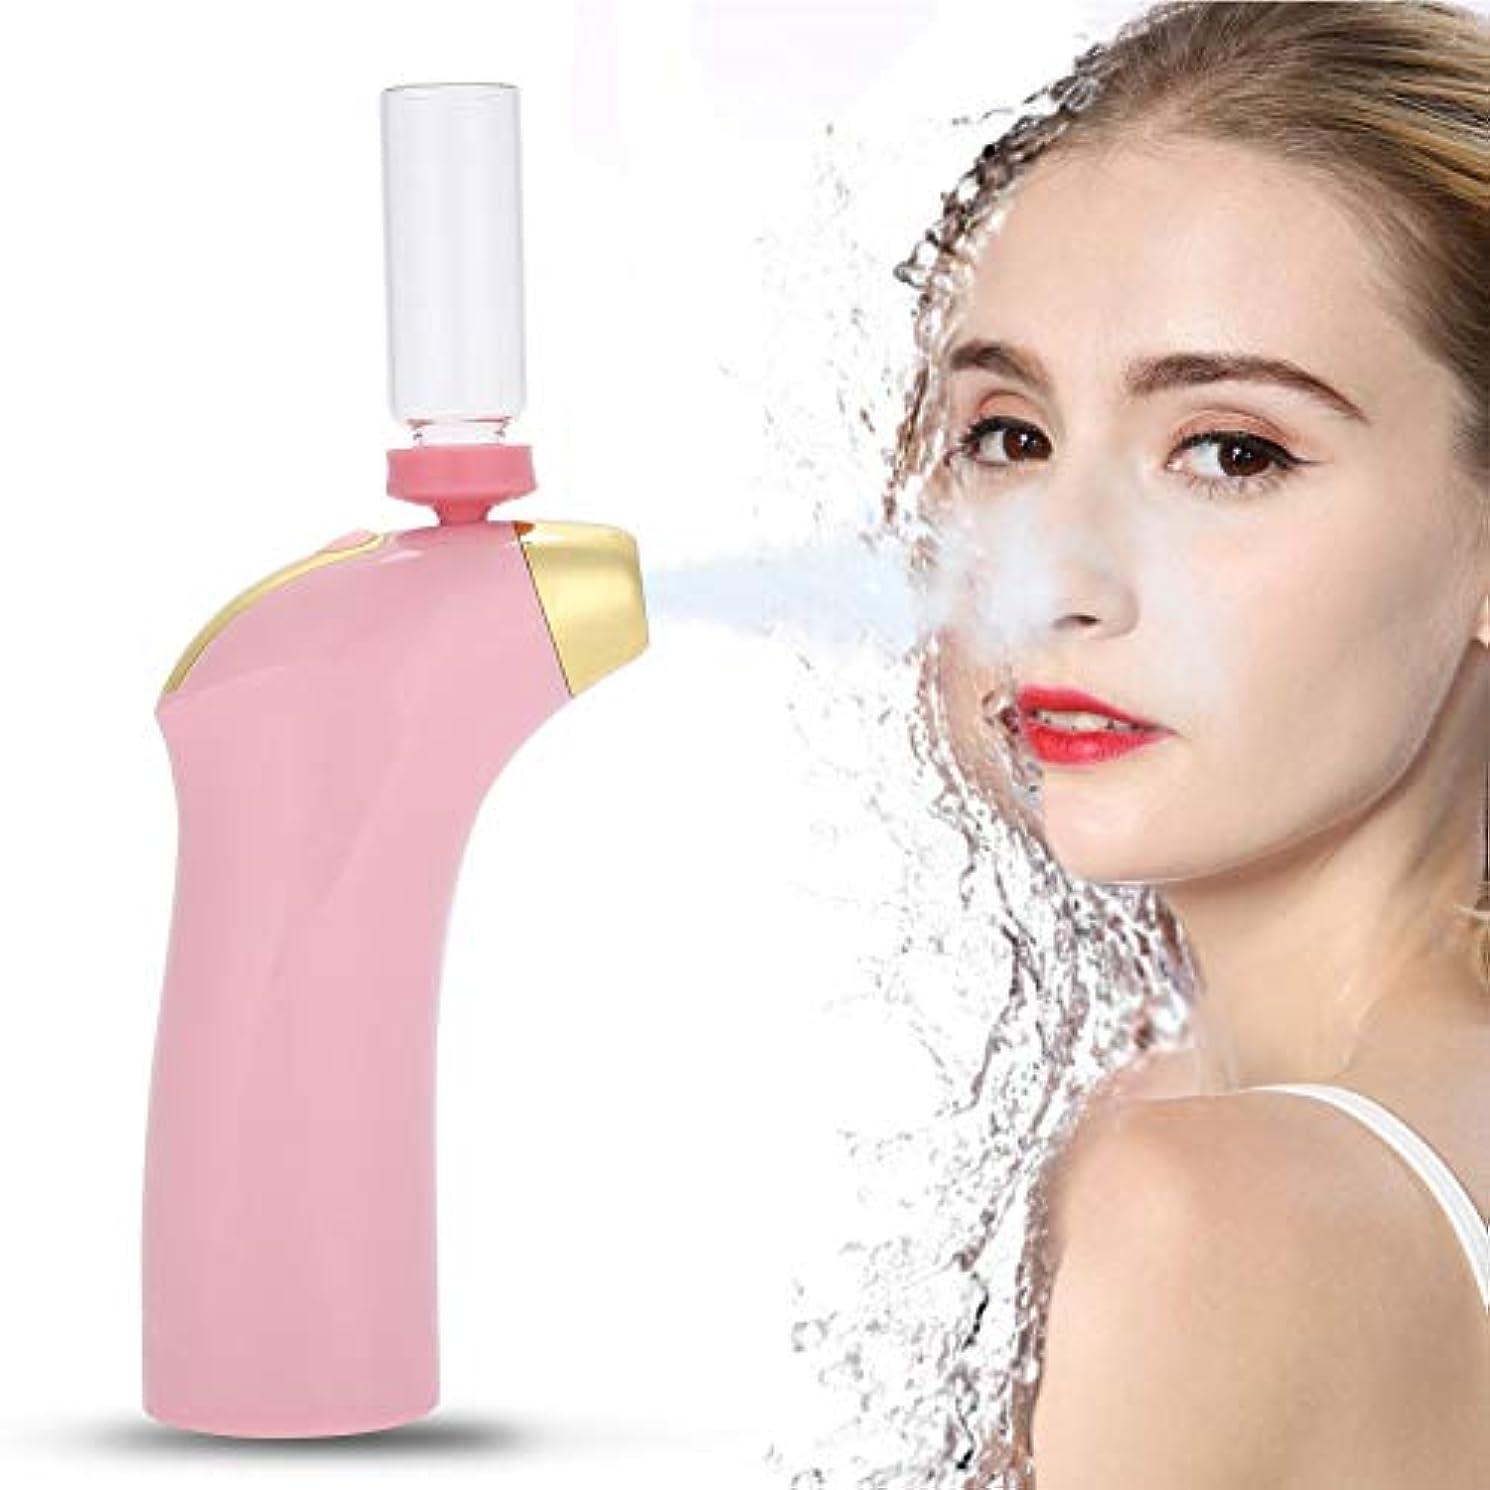 全部欺く覗く専門の酸素の注入のスプレーガン - 顔の皮の若返りの美機械、顔の美の器械、引き締まる皮は、肌の色合い、色素形成を改善します